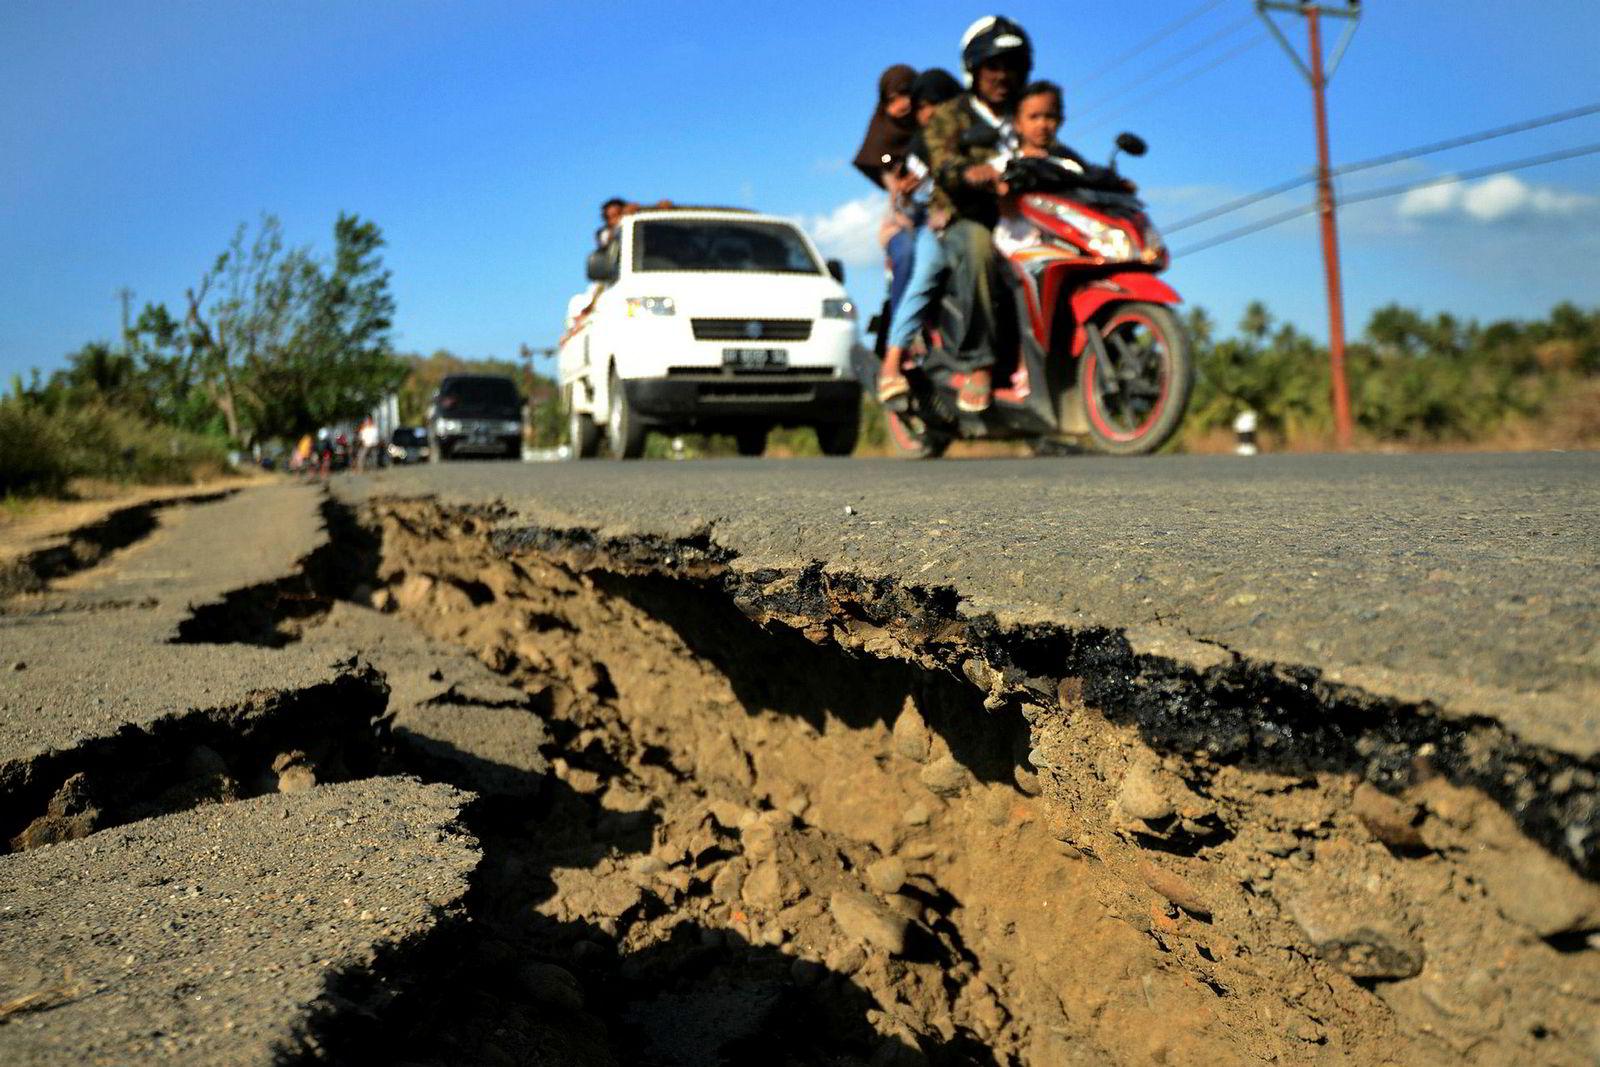 En bil passerer en revne i en vei i Kayangan-distriktet, tre dager etter et jordskjelv rammet området. Rundt 160.000 mennesker ble hjemløse fra det dødelige skjelvet, og må ty til midlertidig ly, og mangler mat.